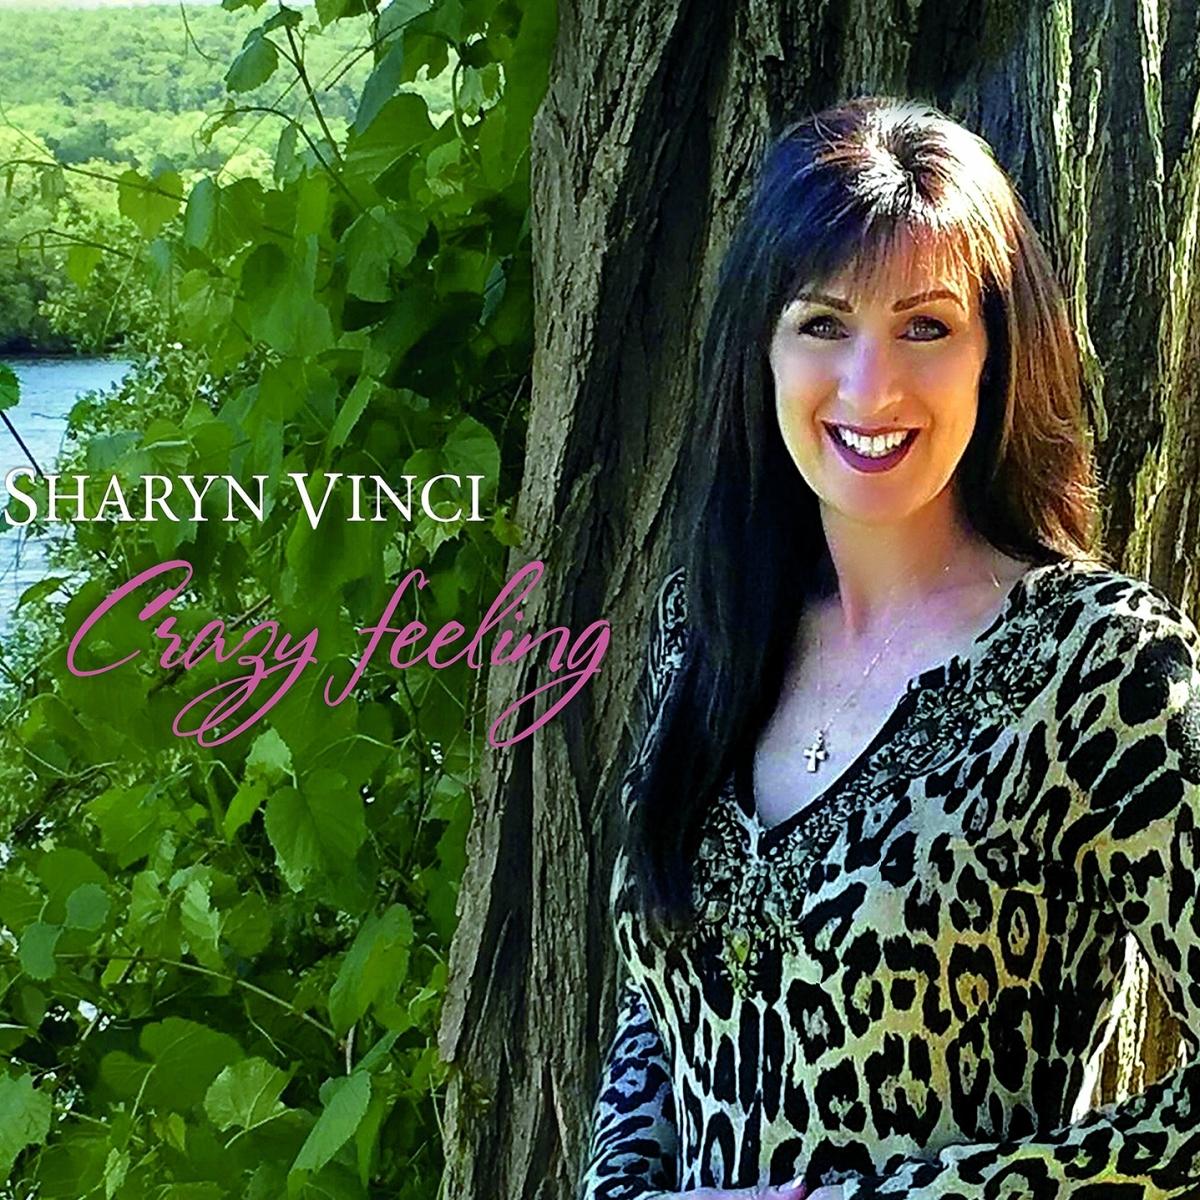 Sharyn Lynn Vinci